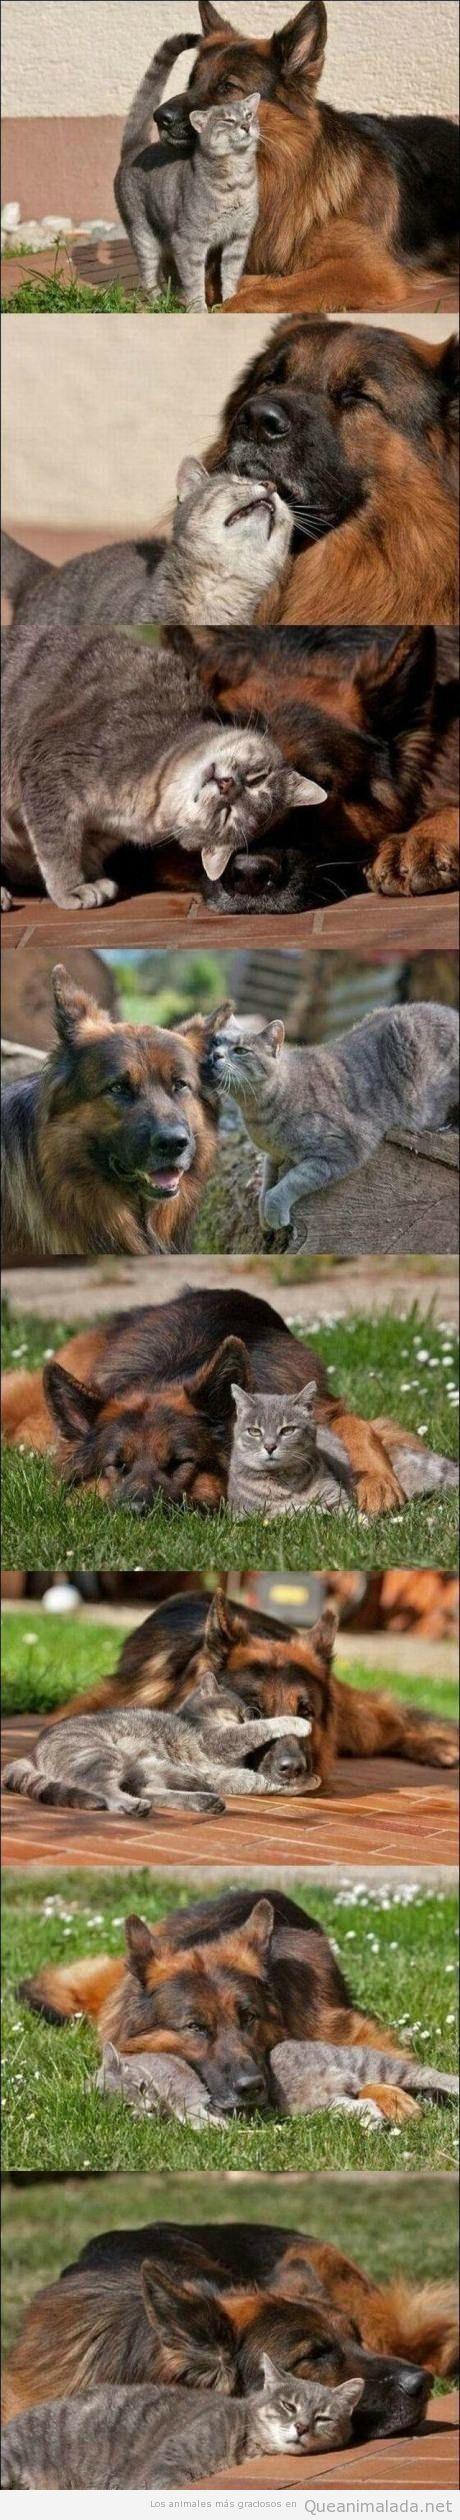 Fotos bonita de un perro pastor alemán y un gato que son amigos